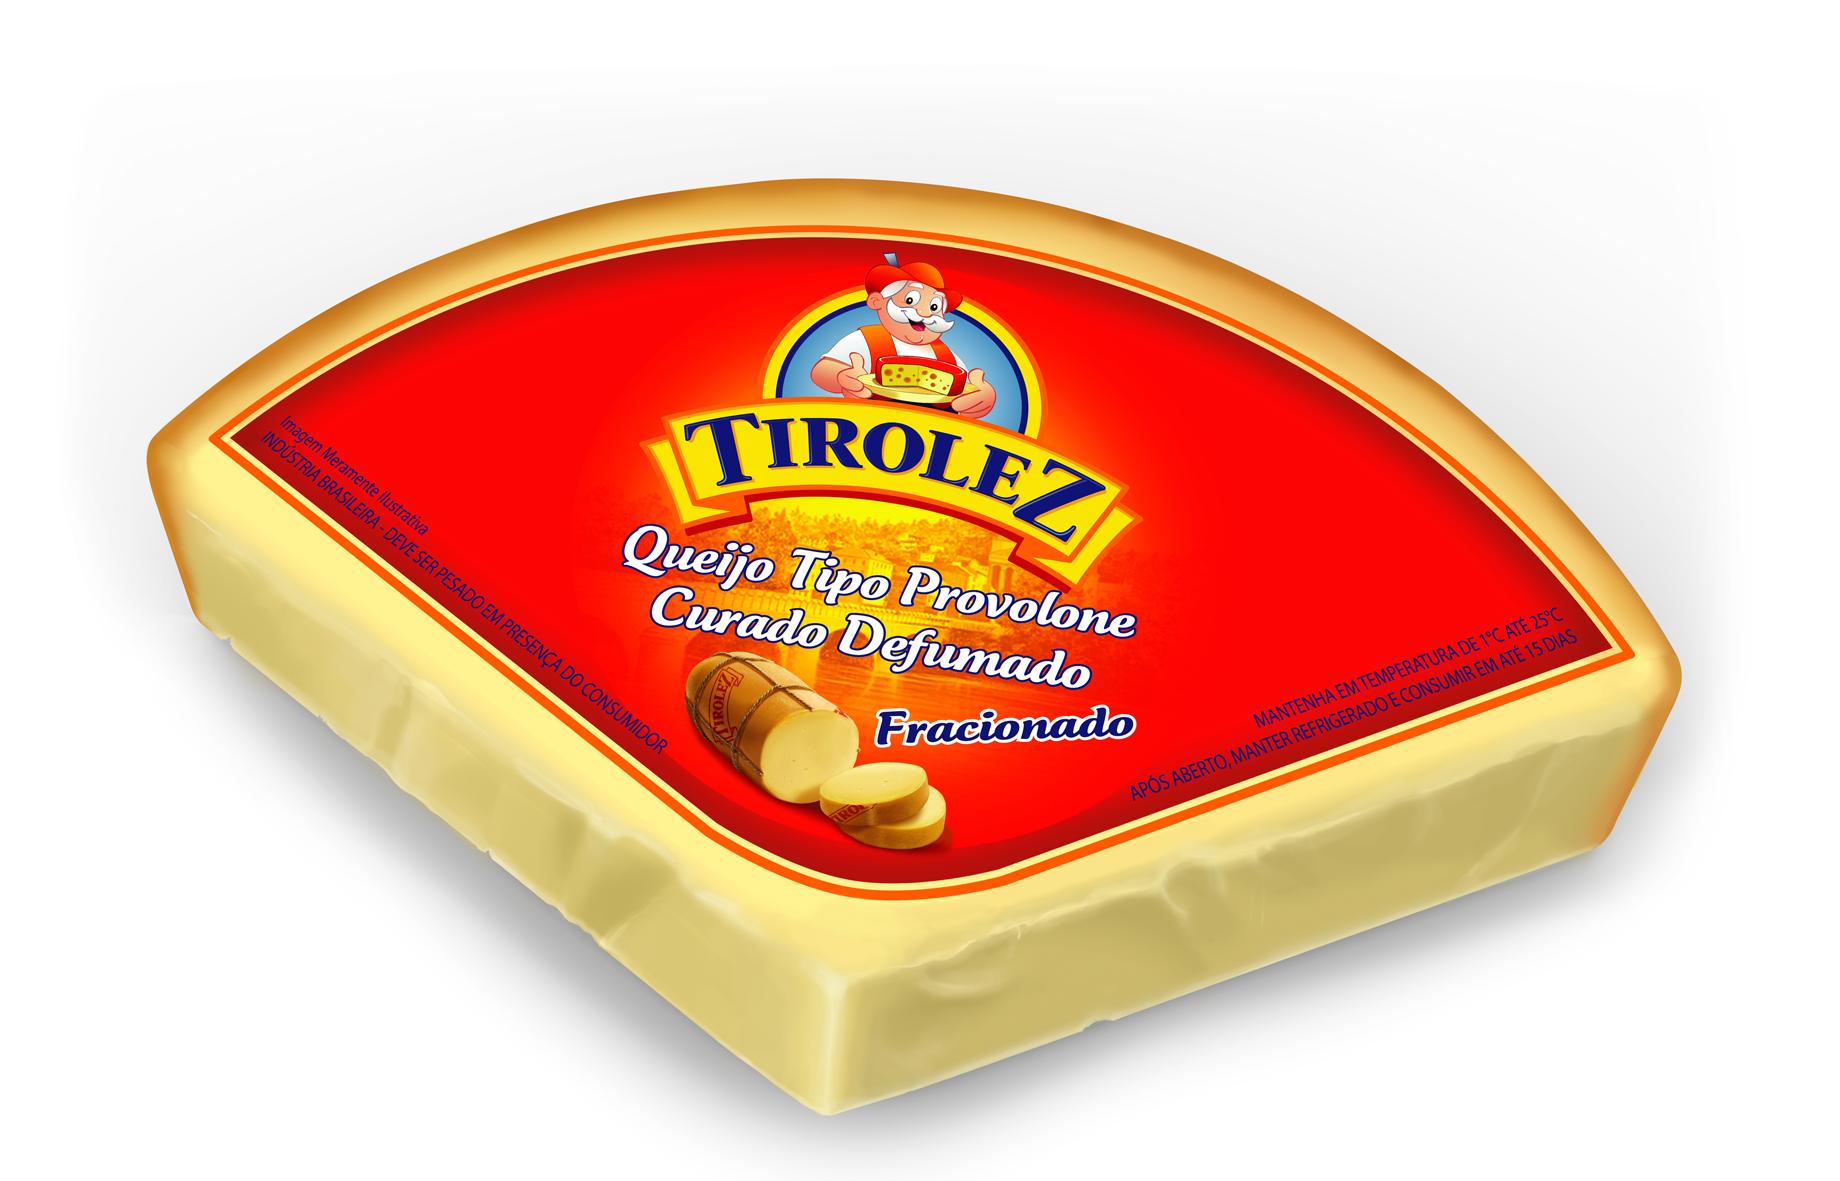 Tirolez_Provolone Fracionado_APAS 2015 2